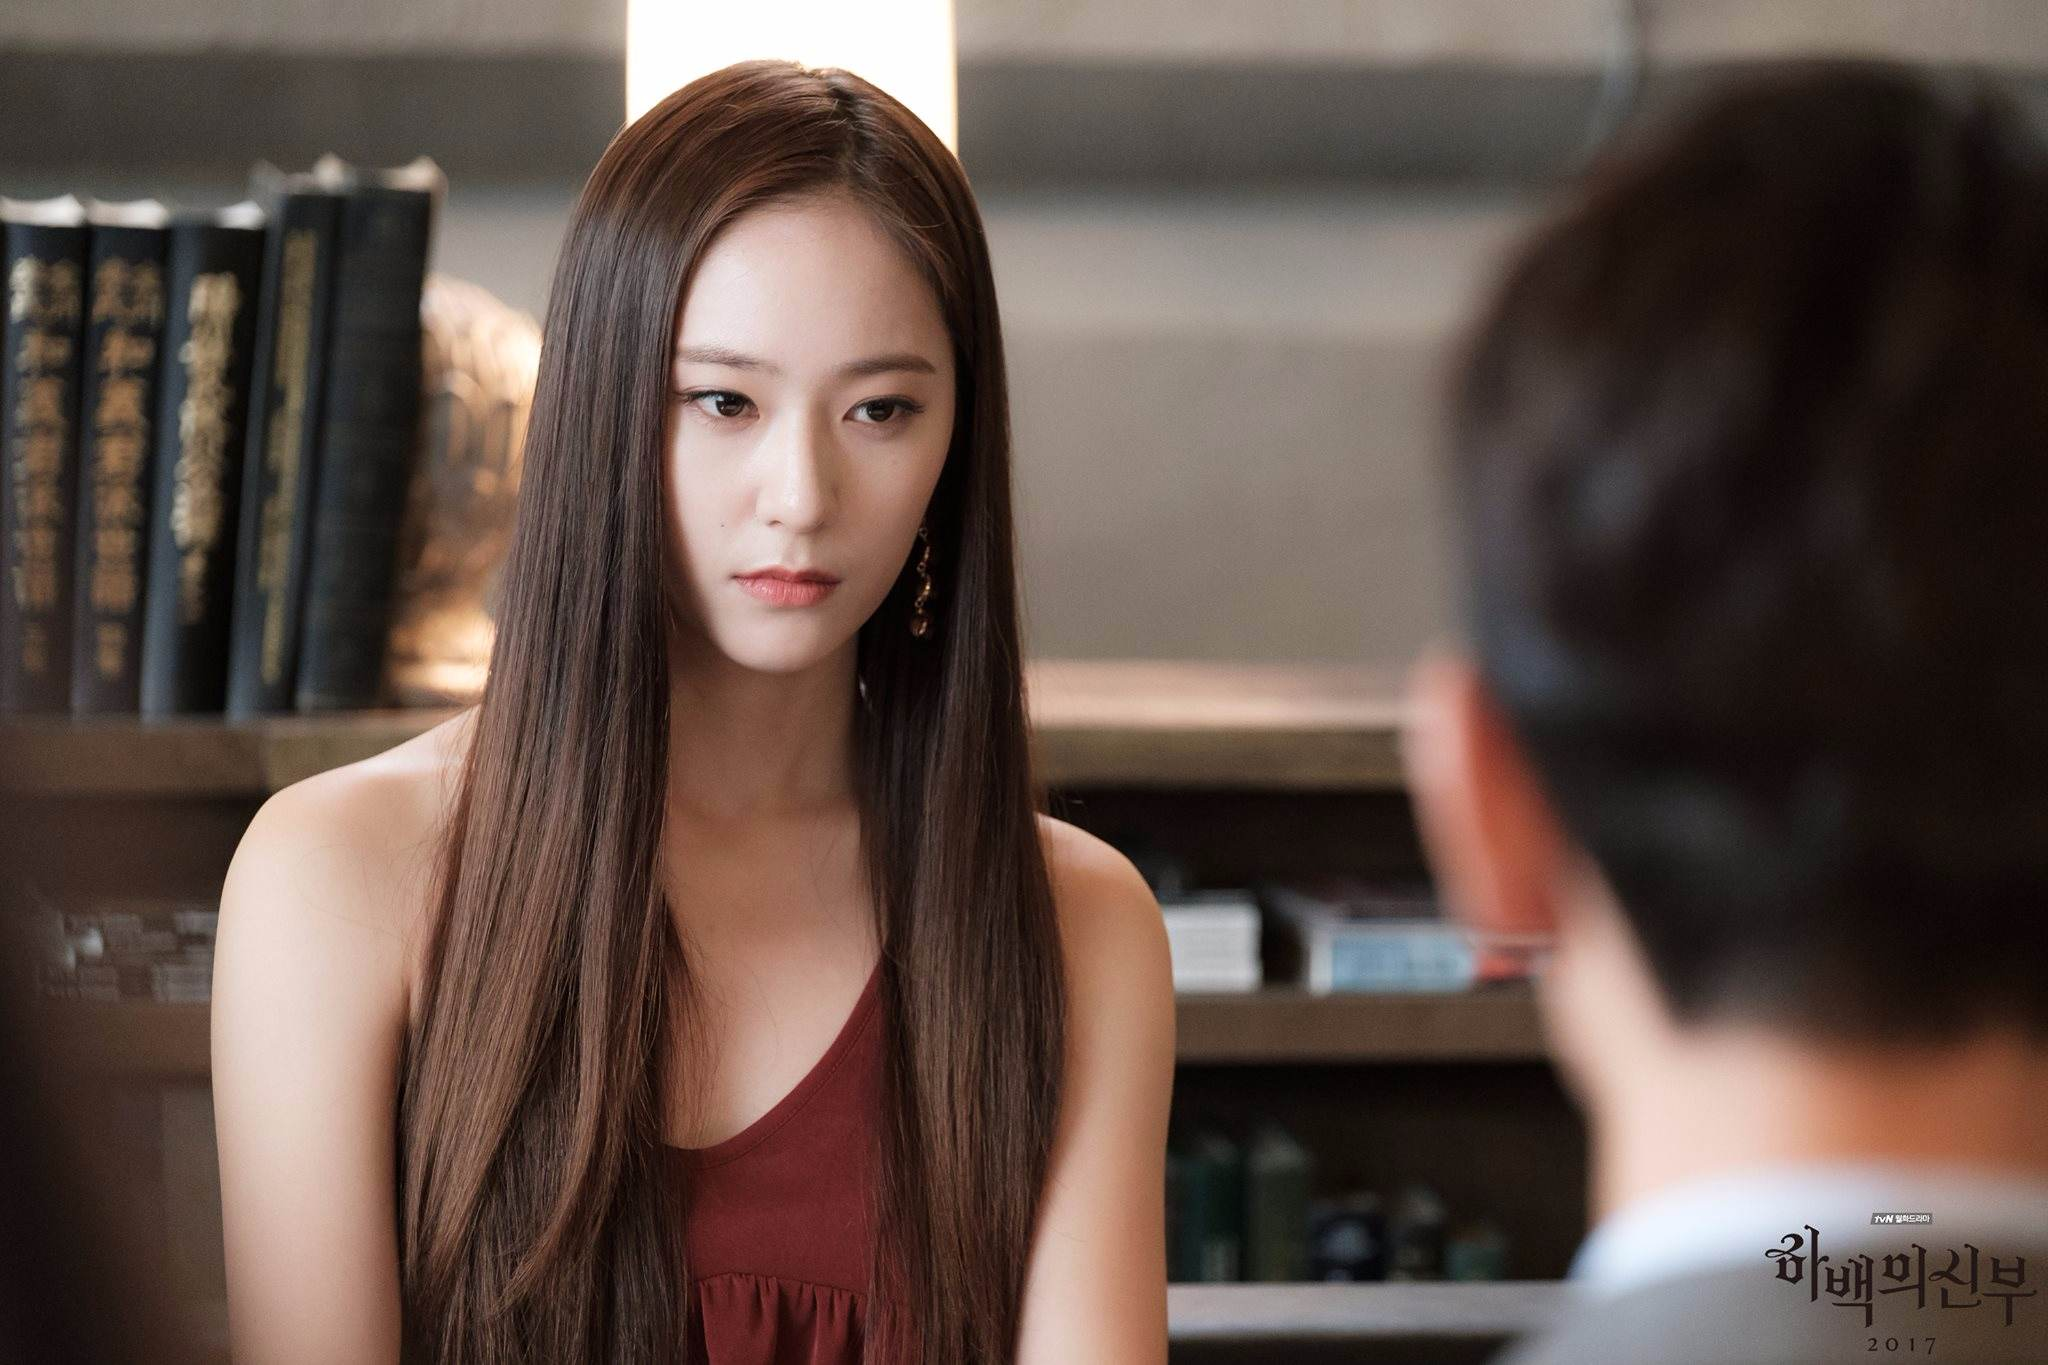 另外有網友指出Krystal的眉毛太過搶戲了! 會沒辦法集中看戲,讓人想不在意都難的存在!!!